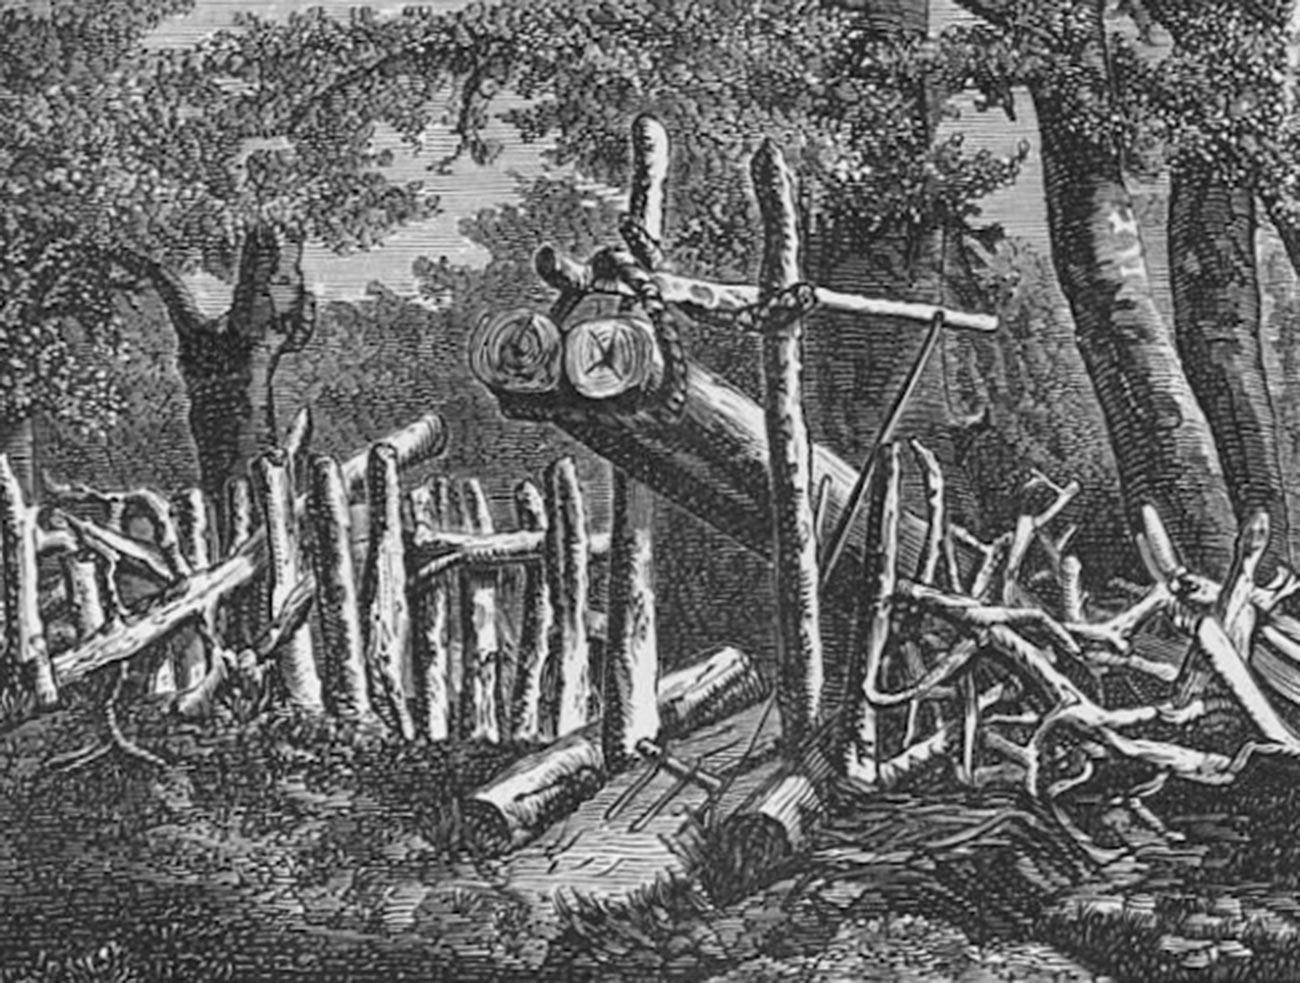 Shchemitsa, perangkap beruang yang terbuat dari batang-batang kayu